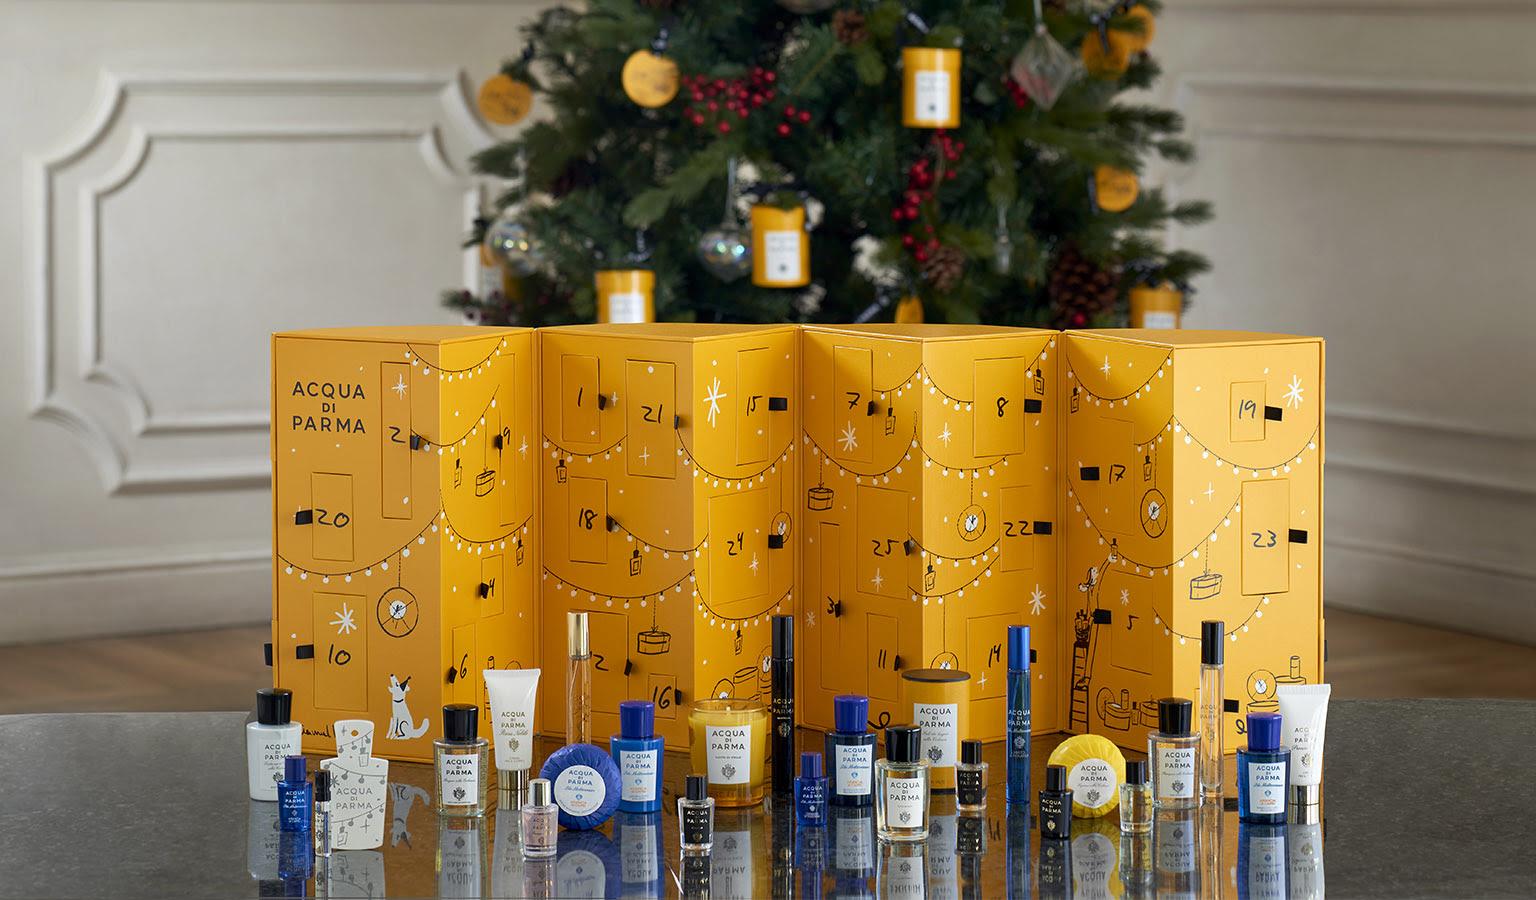 Acqua Di Parma Calendario dellAvvento Natale 2020 Jelmoli Tuttoitalia